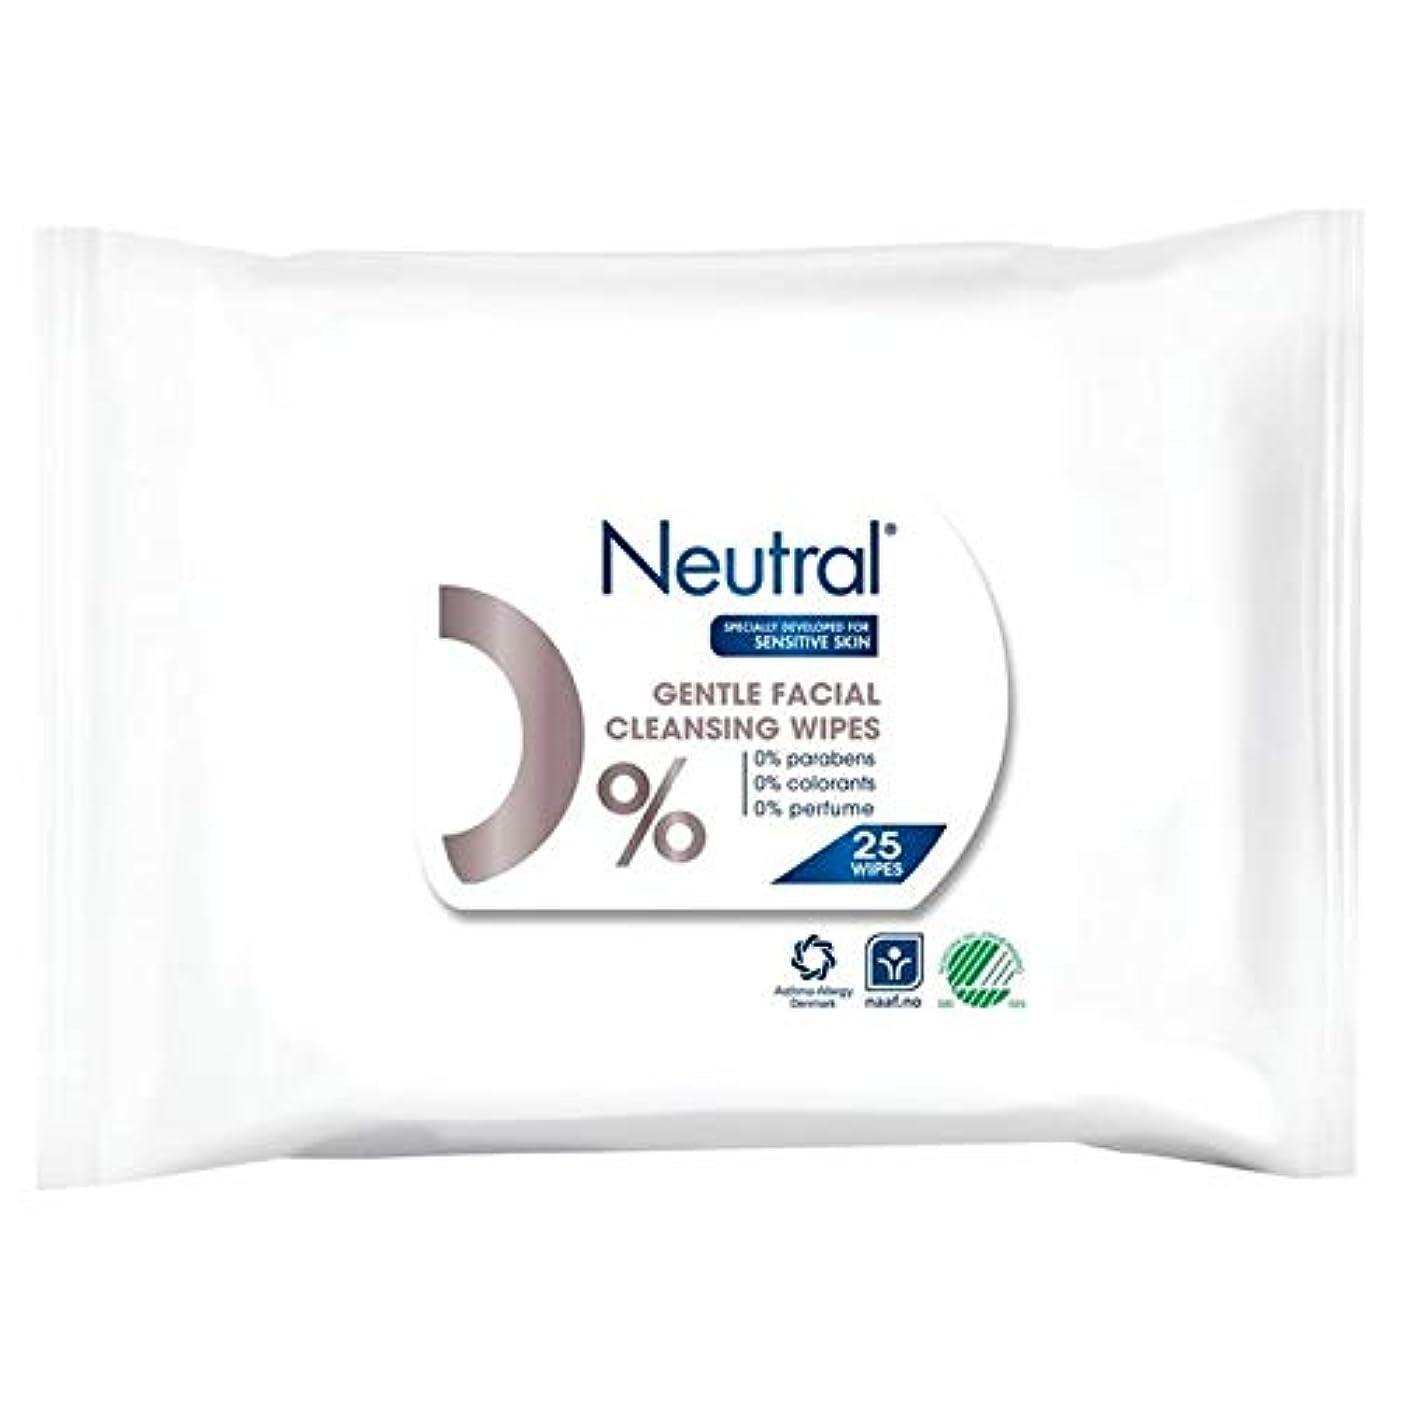 砦保育園エピソード[Neutral ] ニュートラル0%顔はパックあたり25ワイプ - Neutral 0% Face Wipes 25 per pack [並行輸入品]